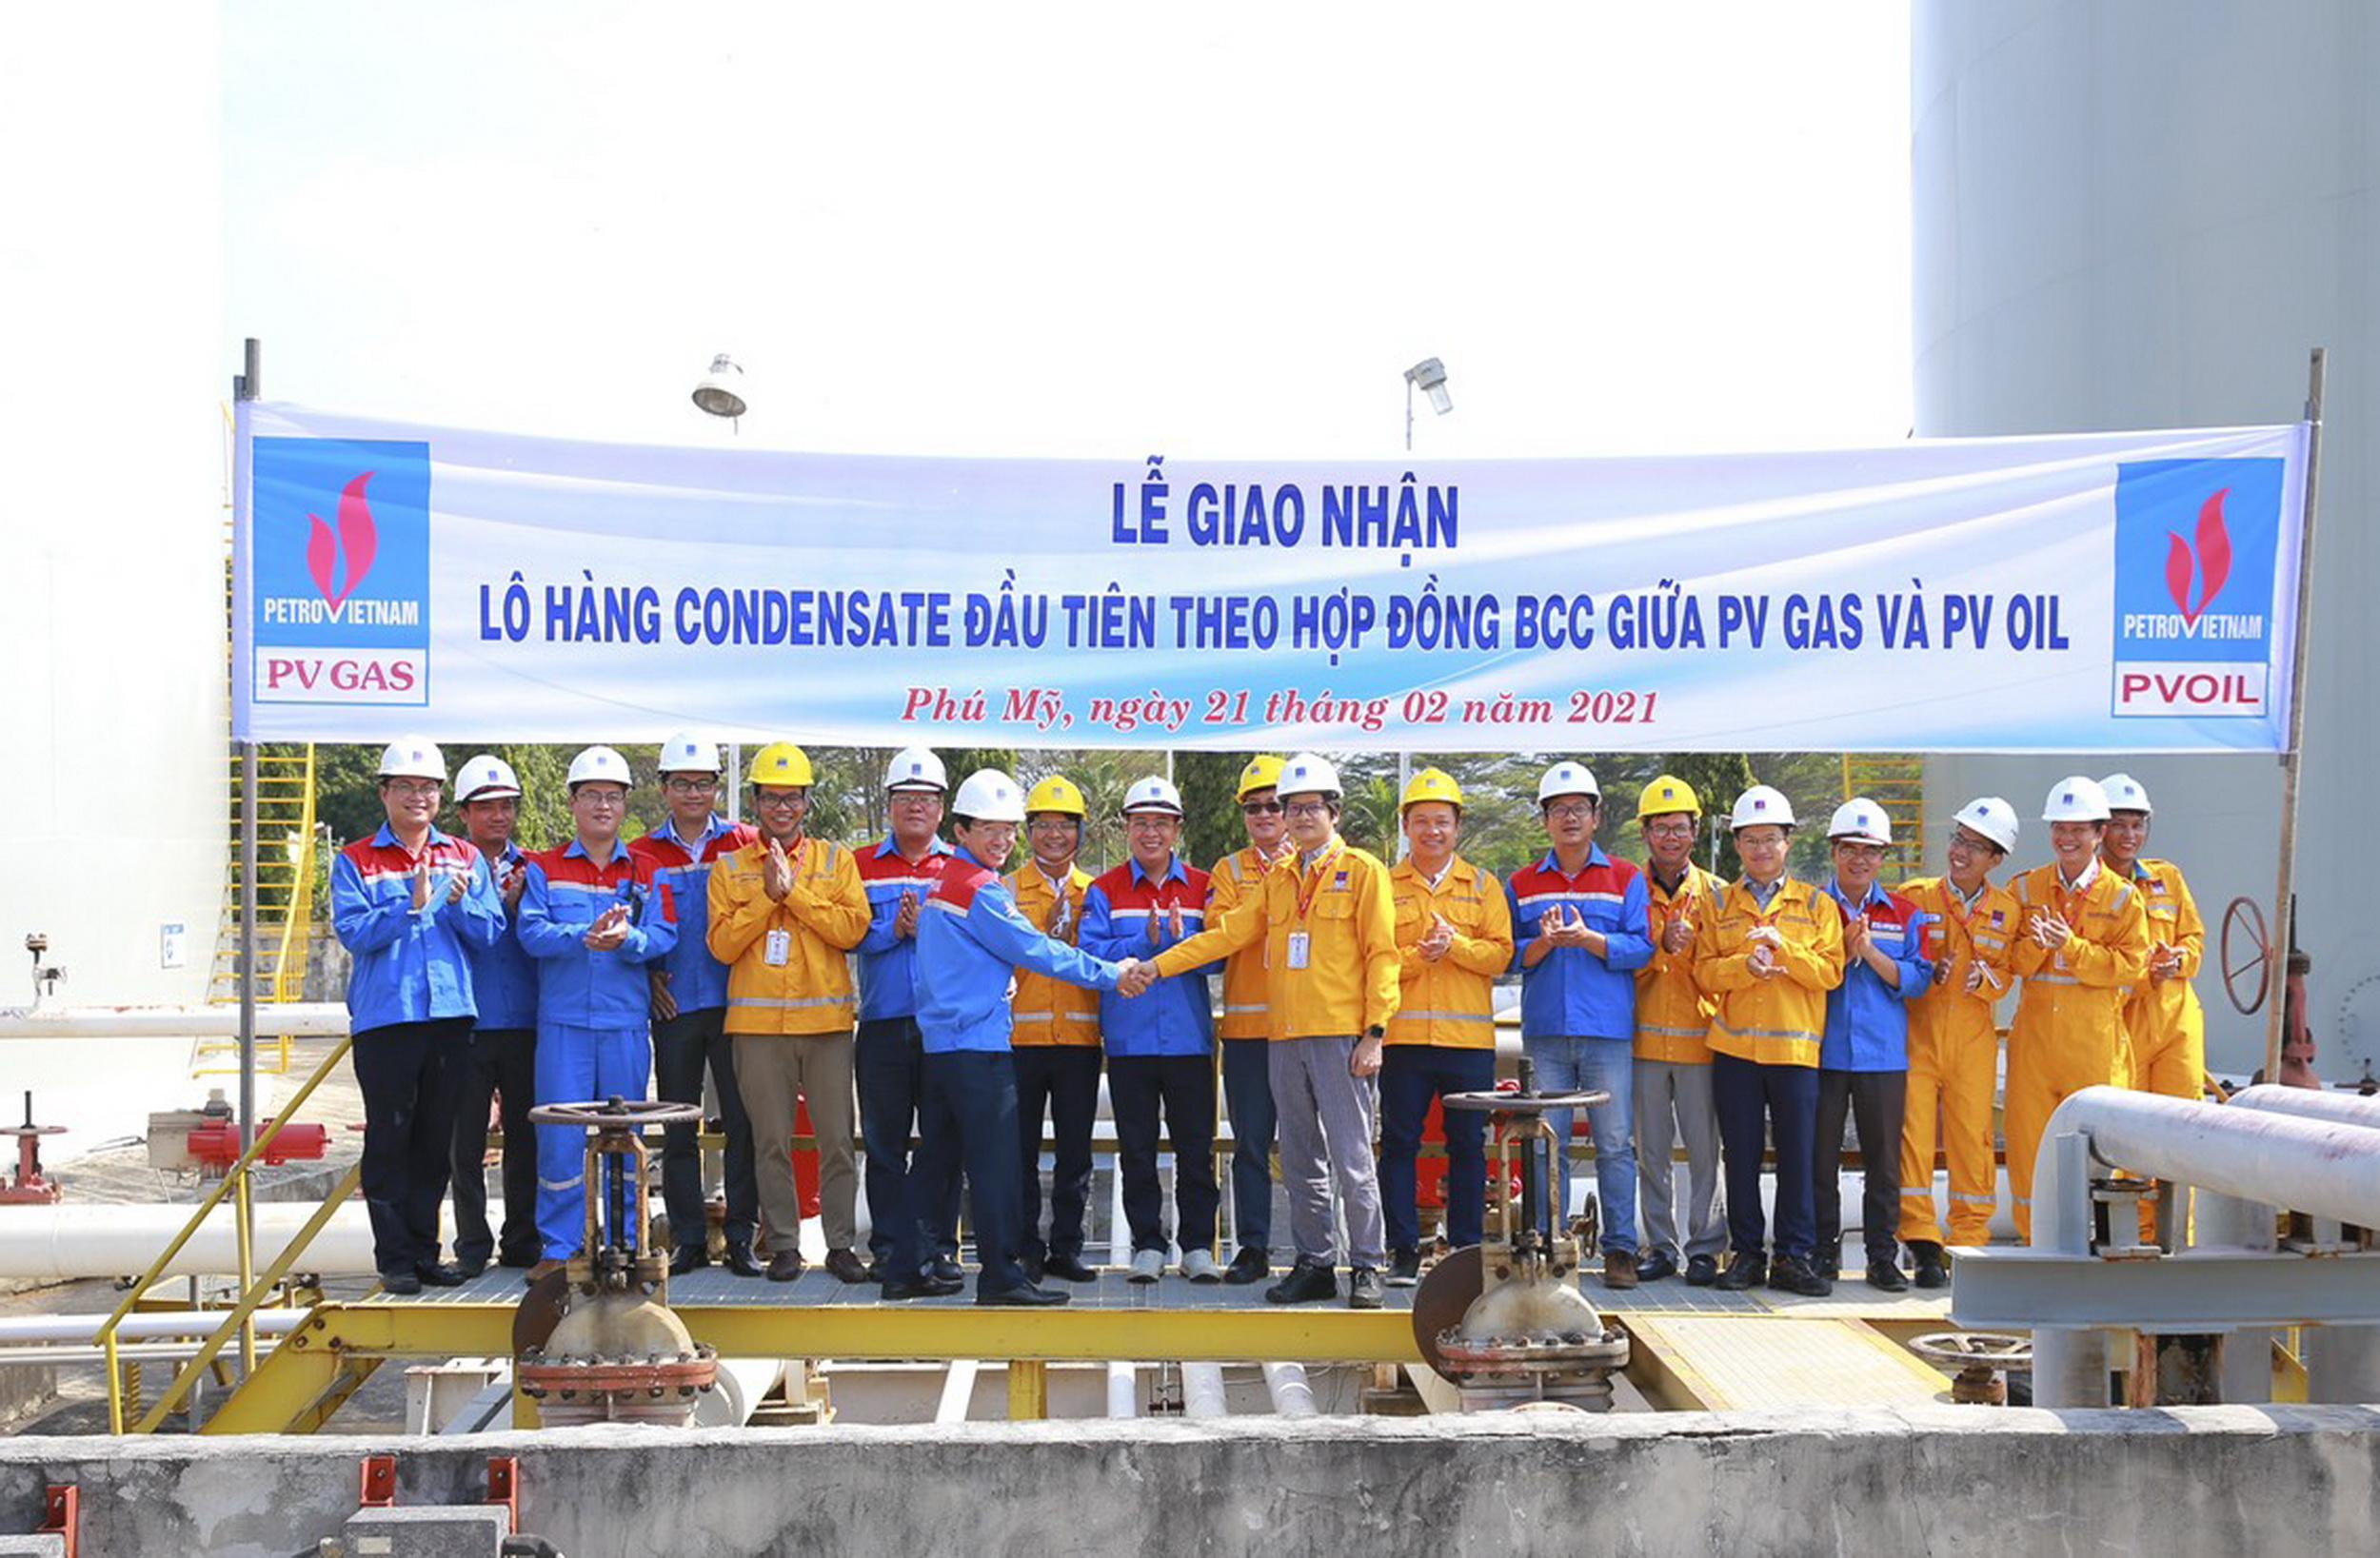 Xác nhận bước triển khai mở đầu theo Hợp đồng hợp tác kinh doanh (BCC) giữa PV GAS và PVOIL